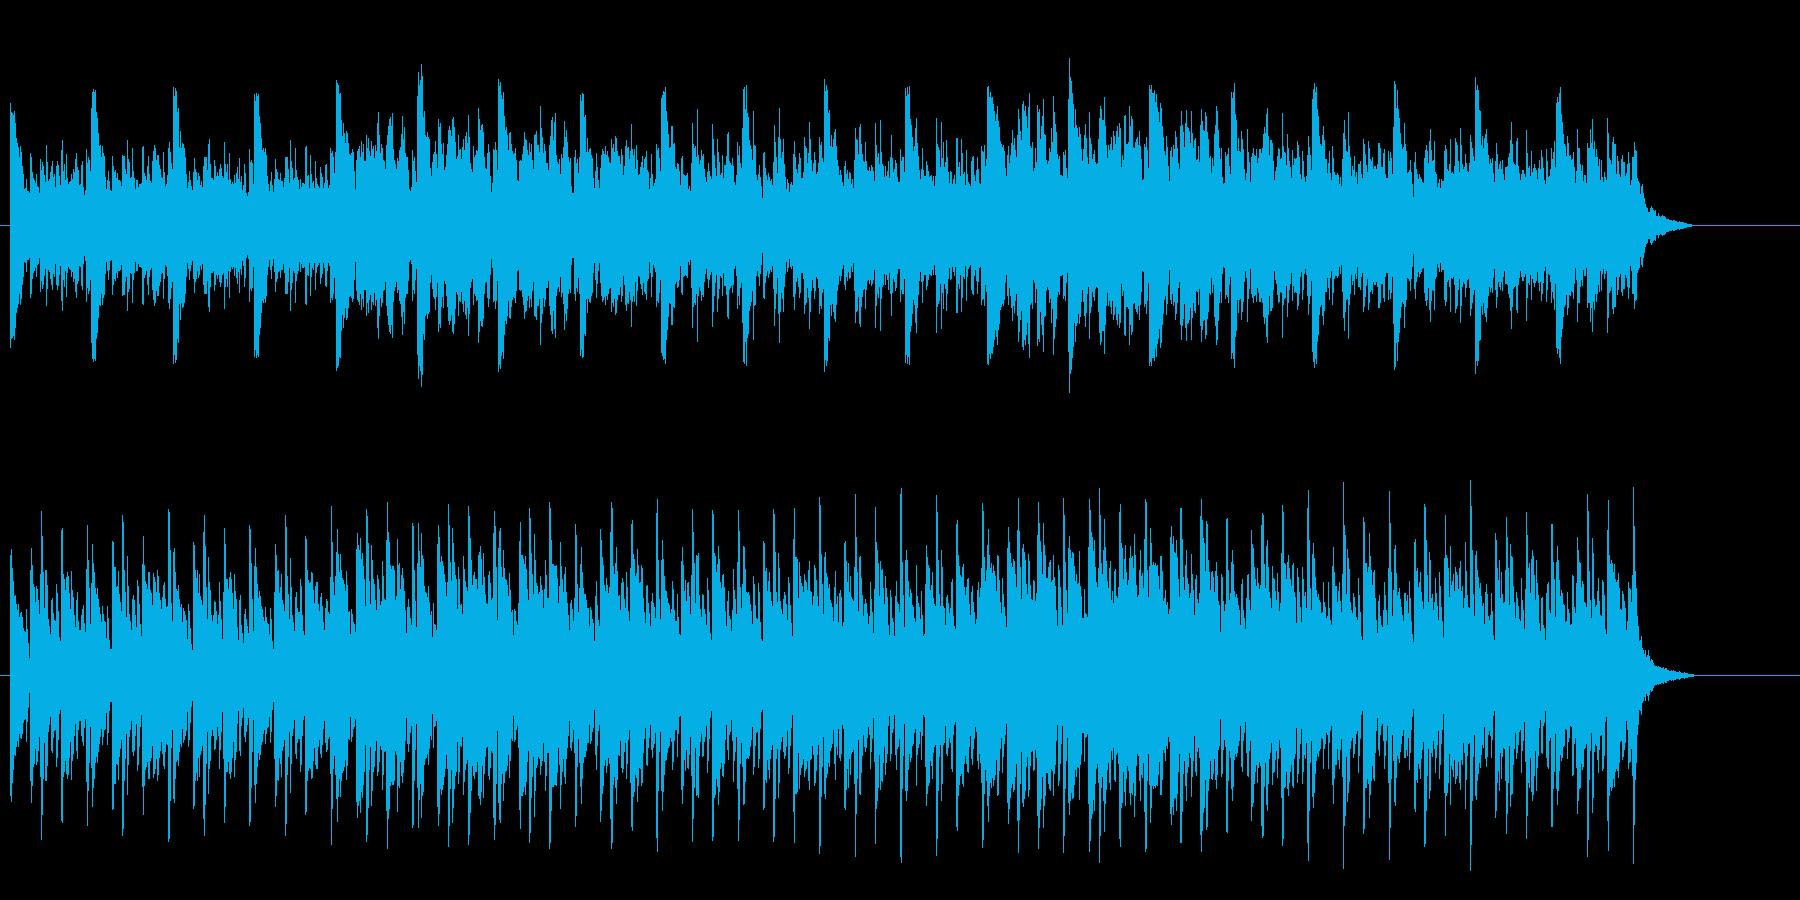 神秘的なピアノ主体のBGMの再生済みの波形